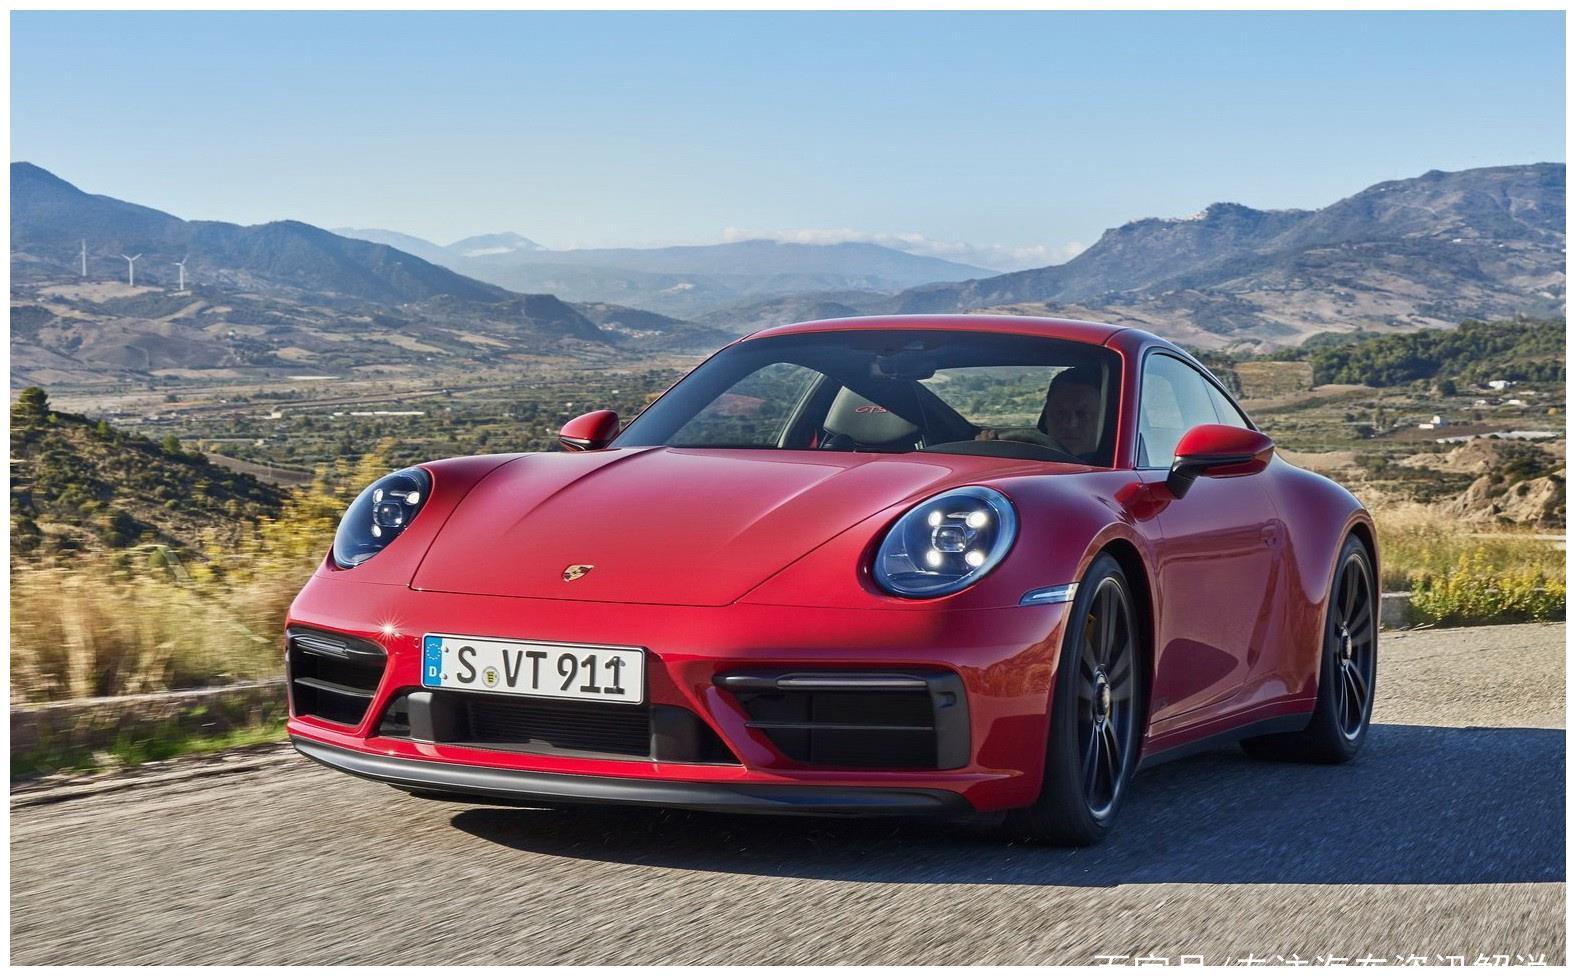 保时捷新一代911 GTS近期市场表现较为活跃